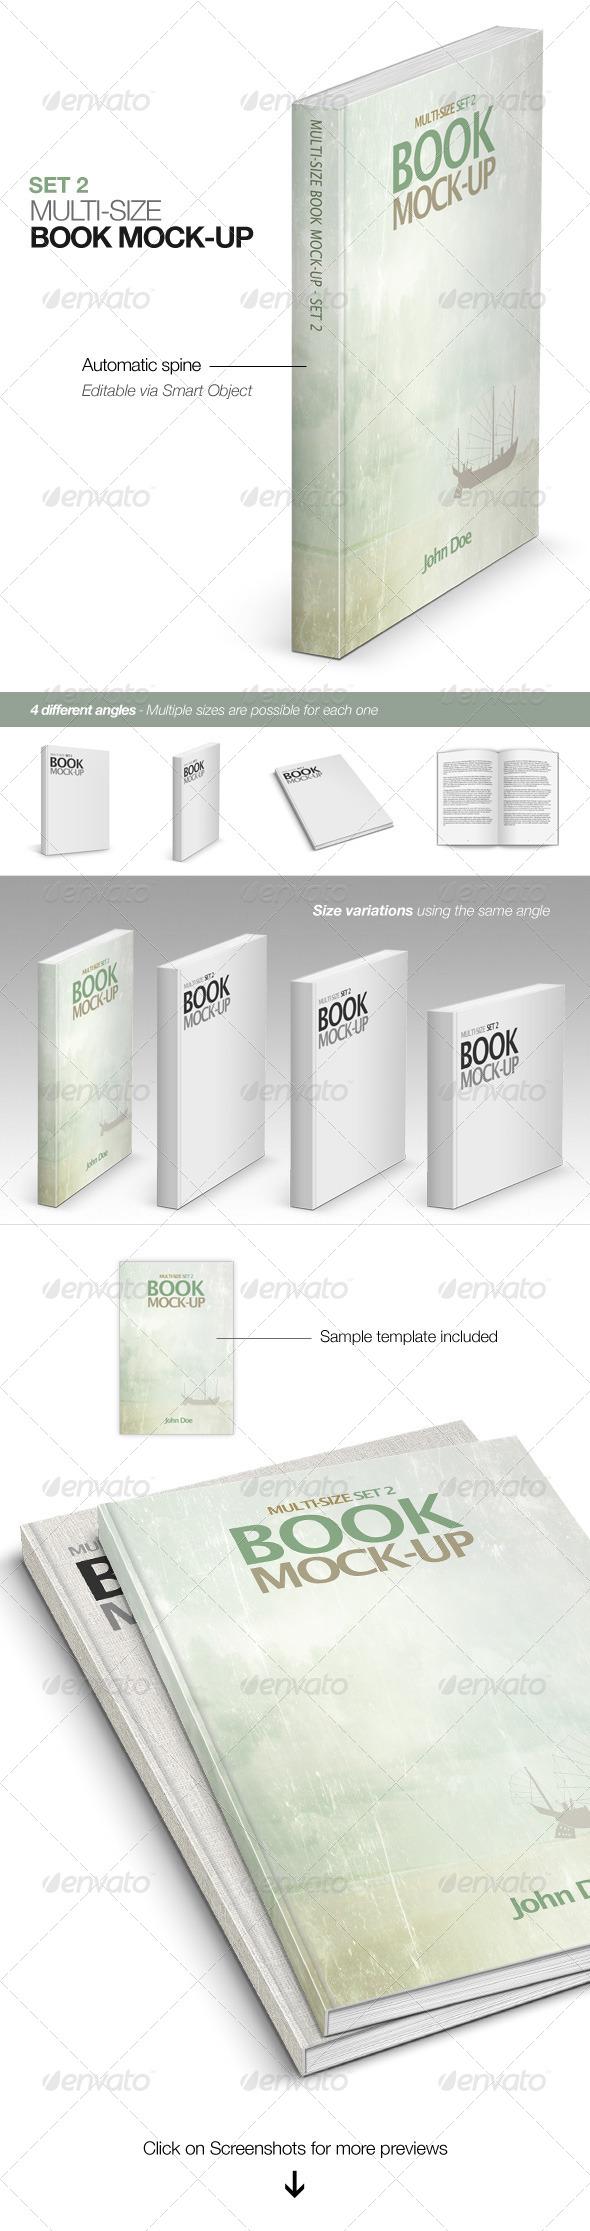 GraphicRiver Multi-size Book Mockup Set 2 5268874